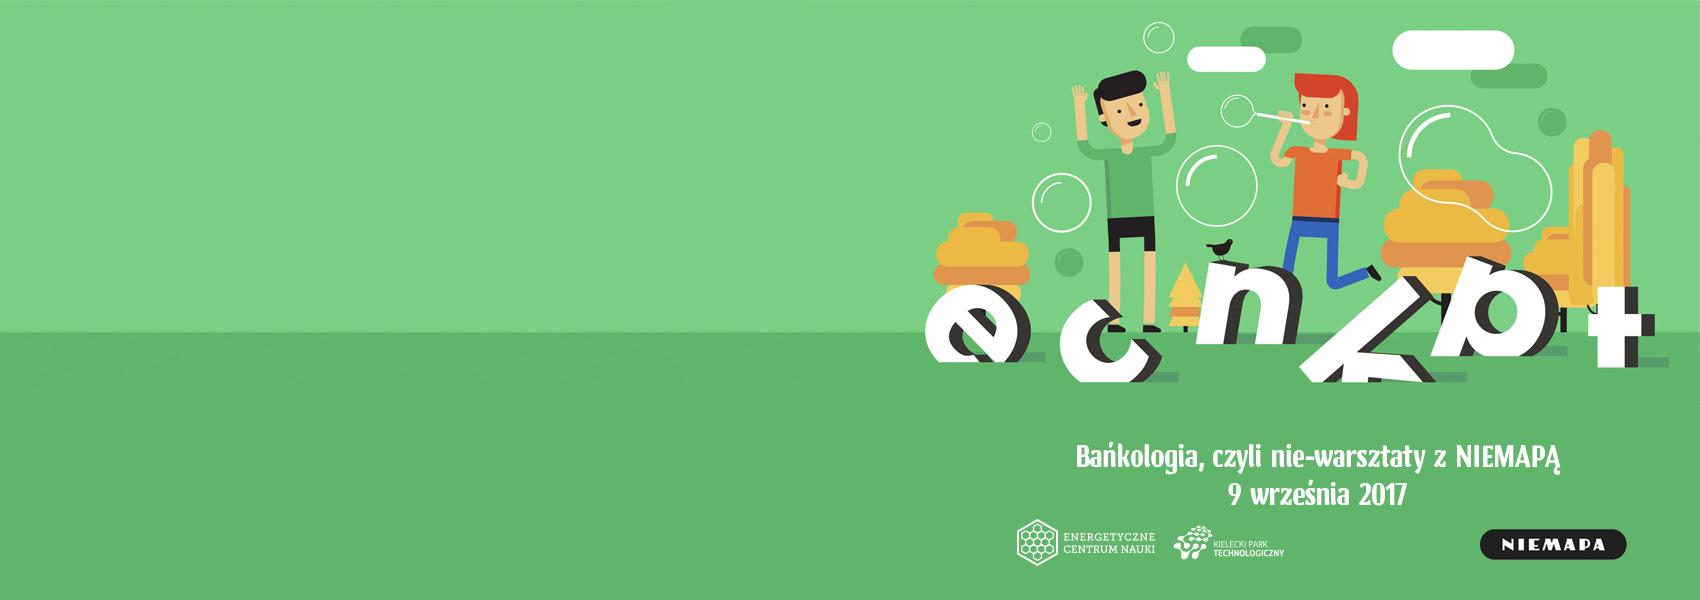 Bankologia_1700x600